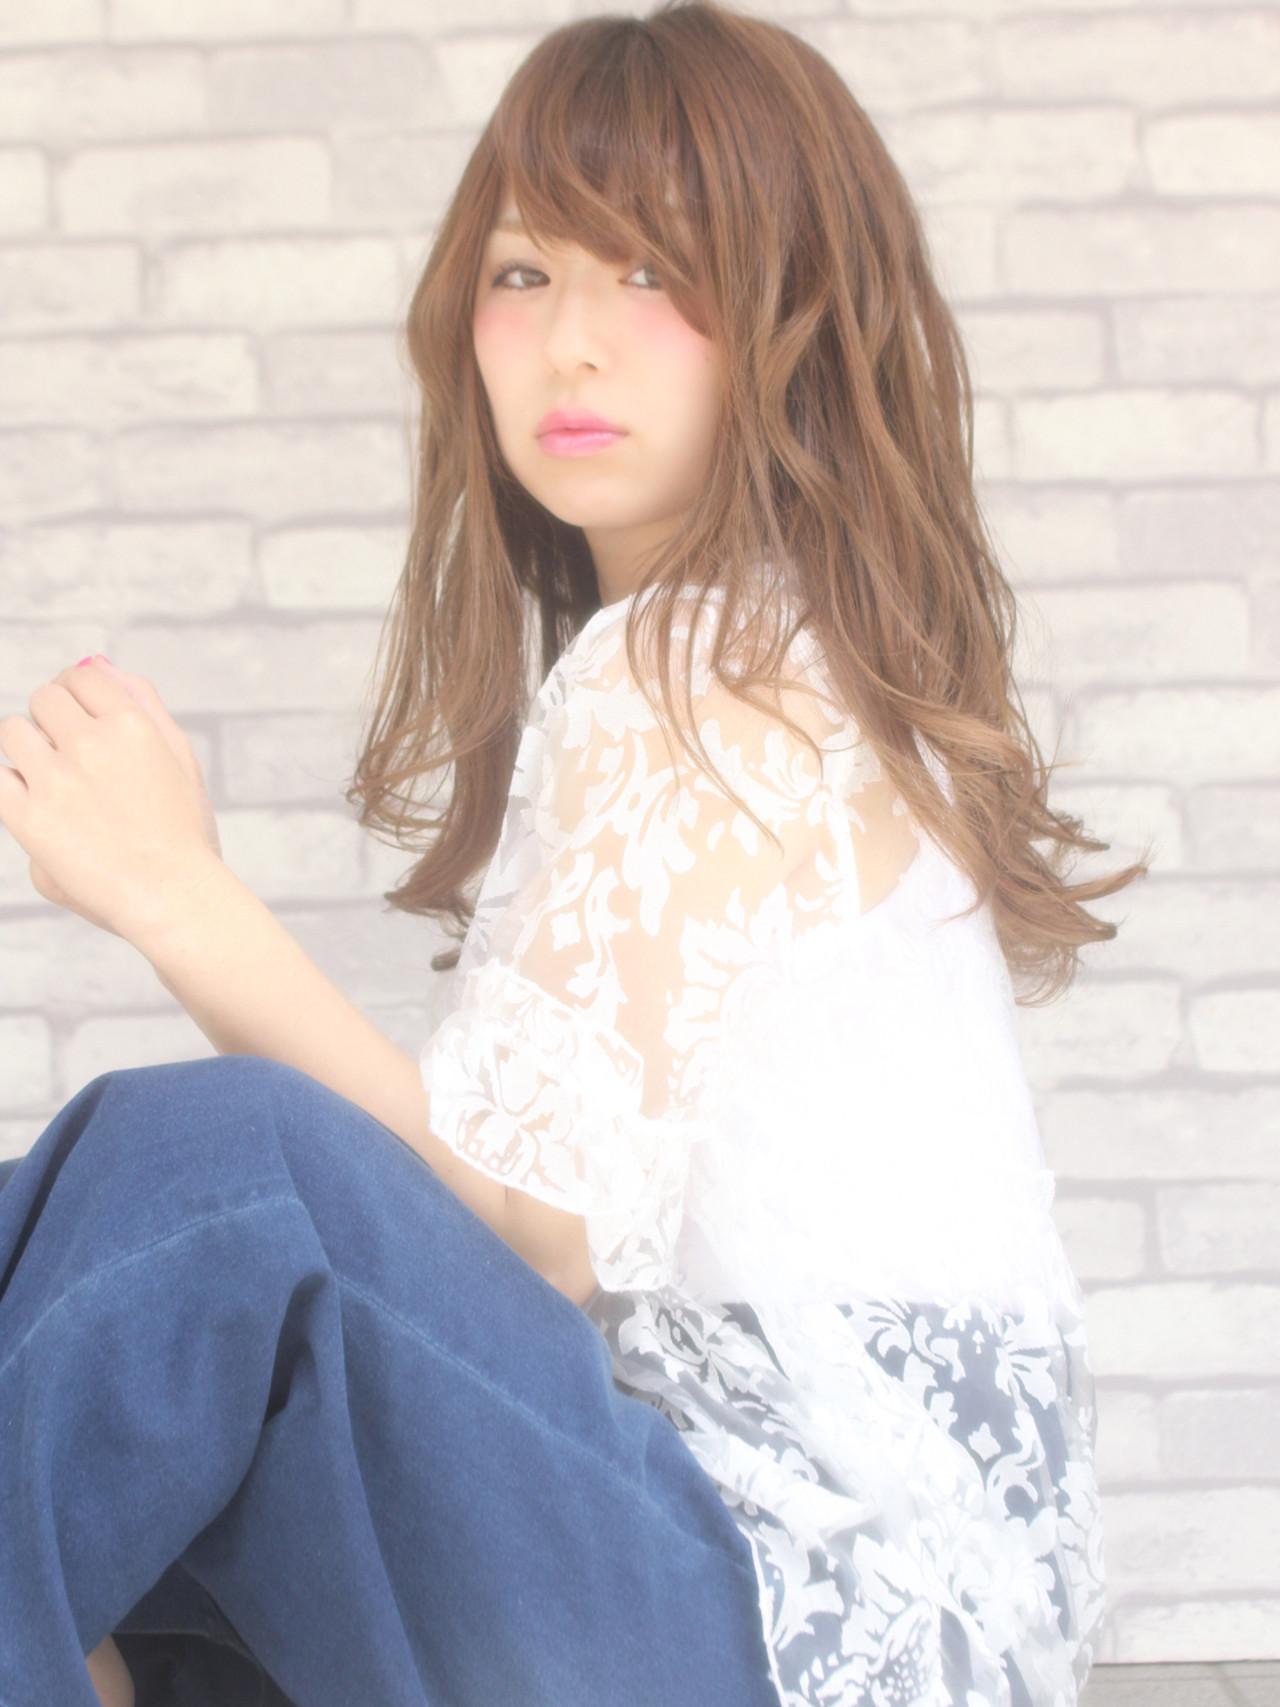 小顔 アンニュイ かわいい ニュアンス ヘアスタイルや髪型の写真・画像 | 山下 拓也 / パースィート 目黒